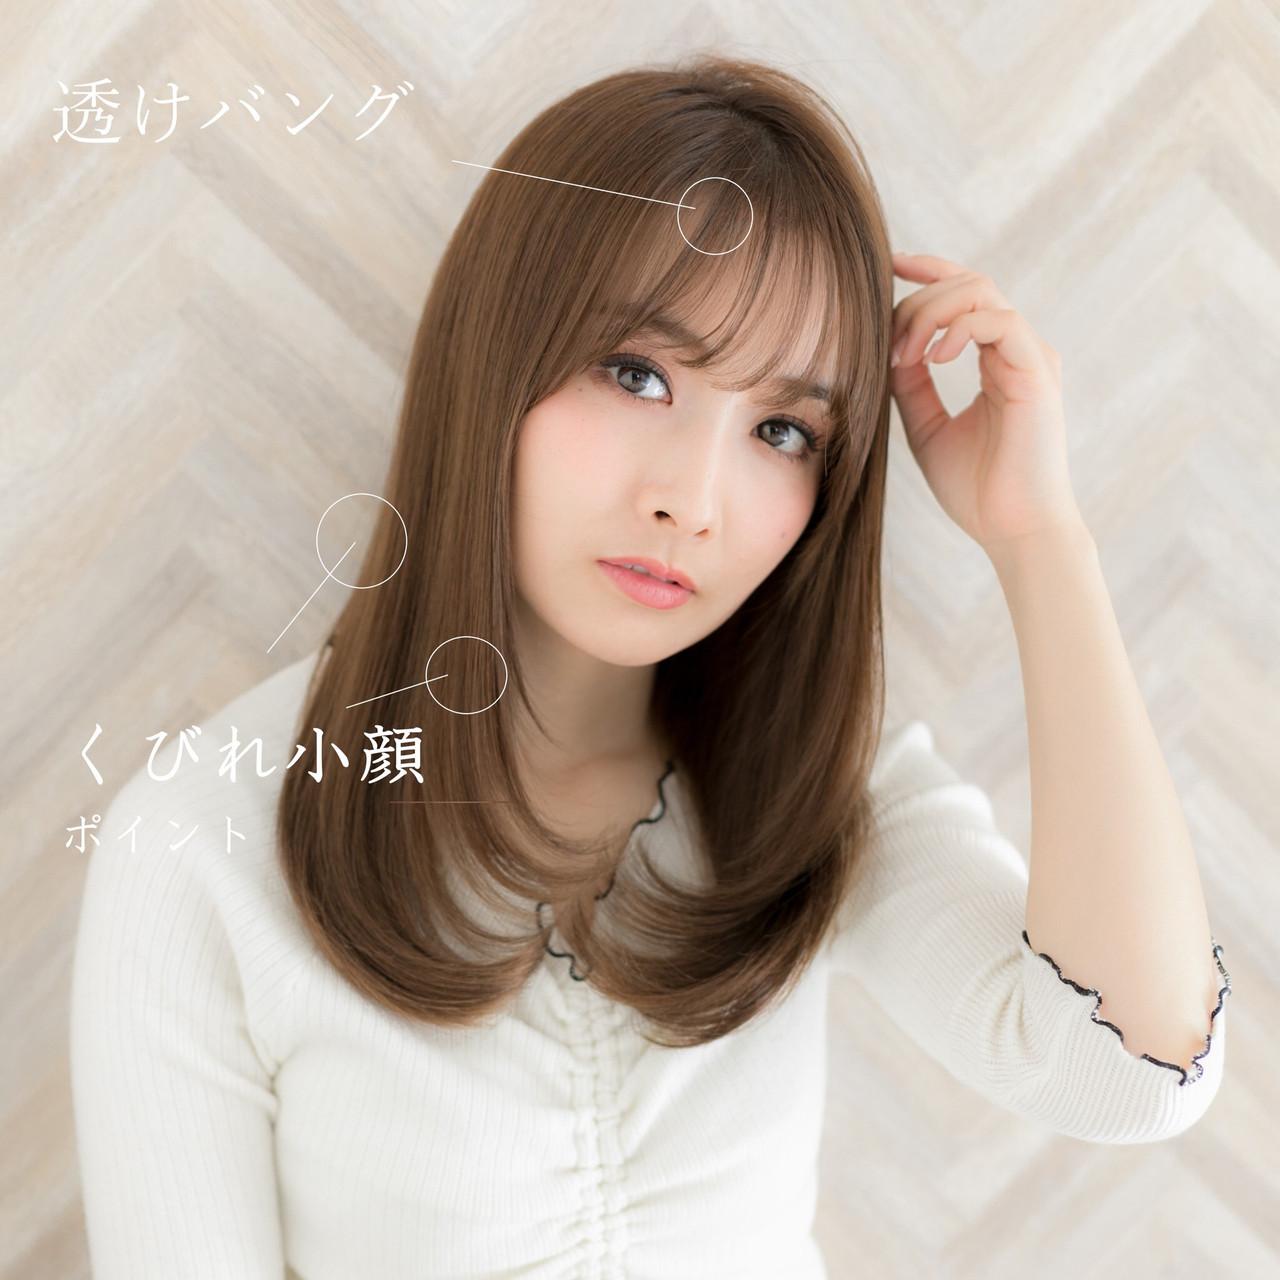 髪質改善トリートメント 縮毛矯正 セミロング 最新トリートメント ヘアスタイルや髪型の写真・画像